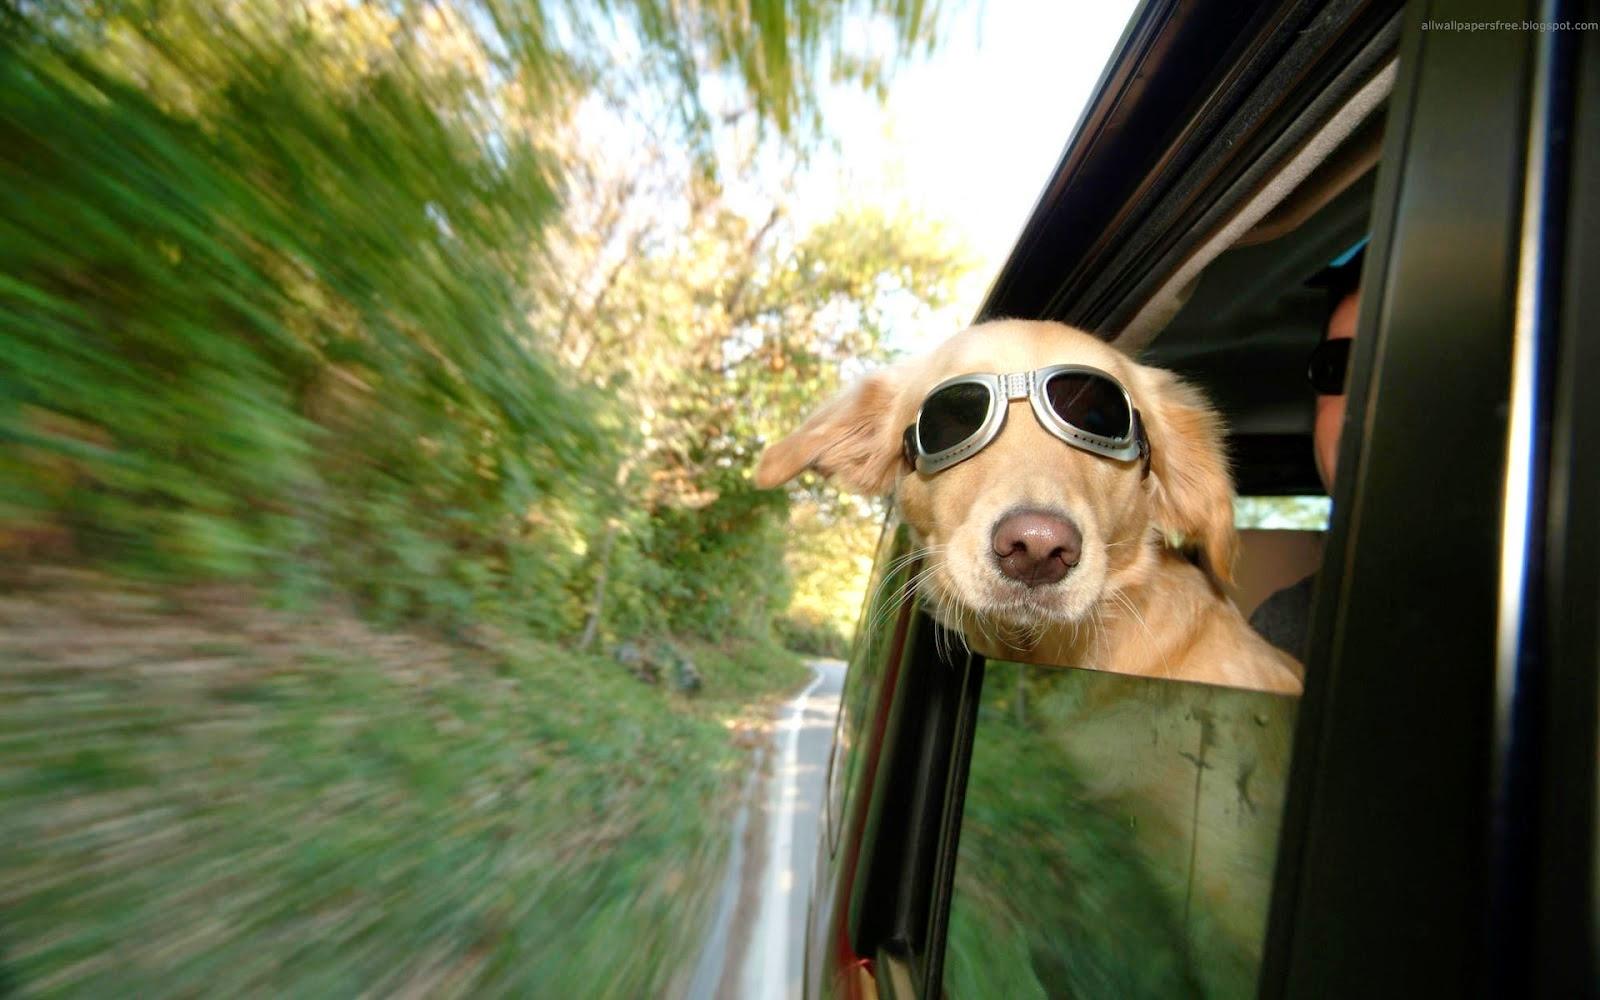 Fotos Divertidas de Perros, parte 1